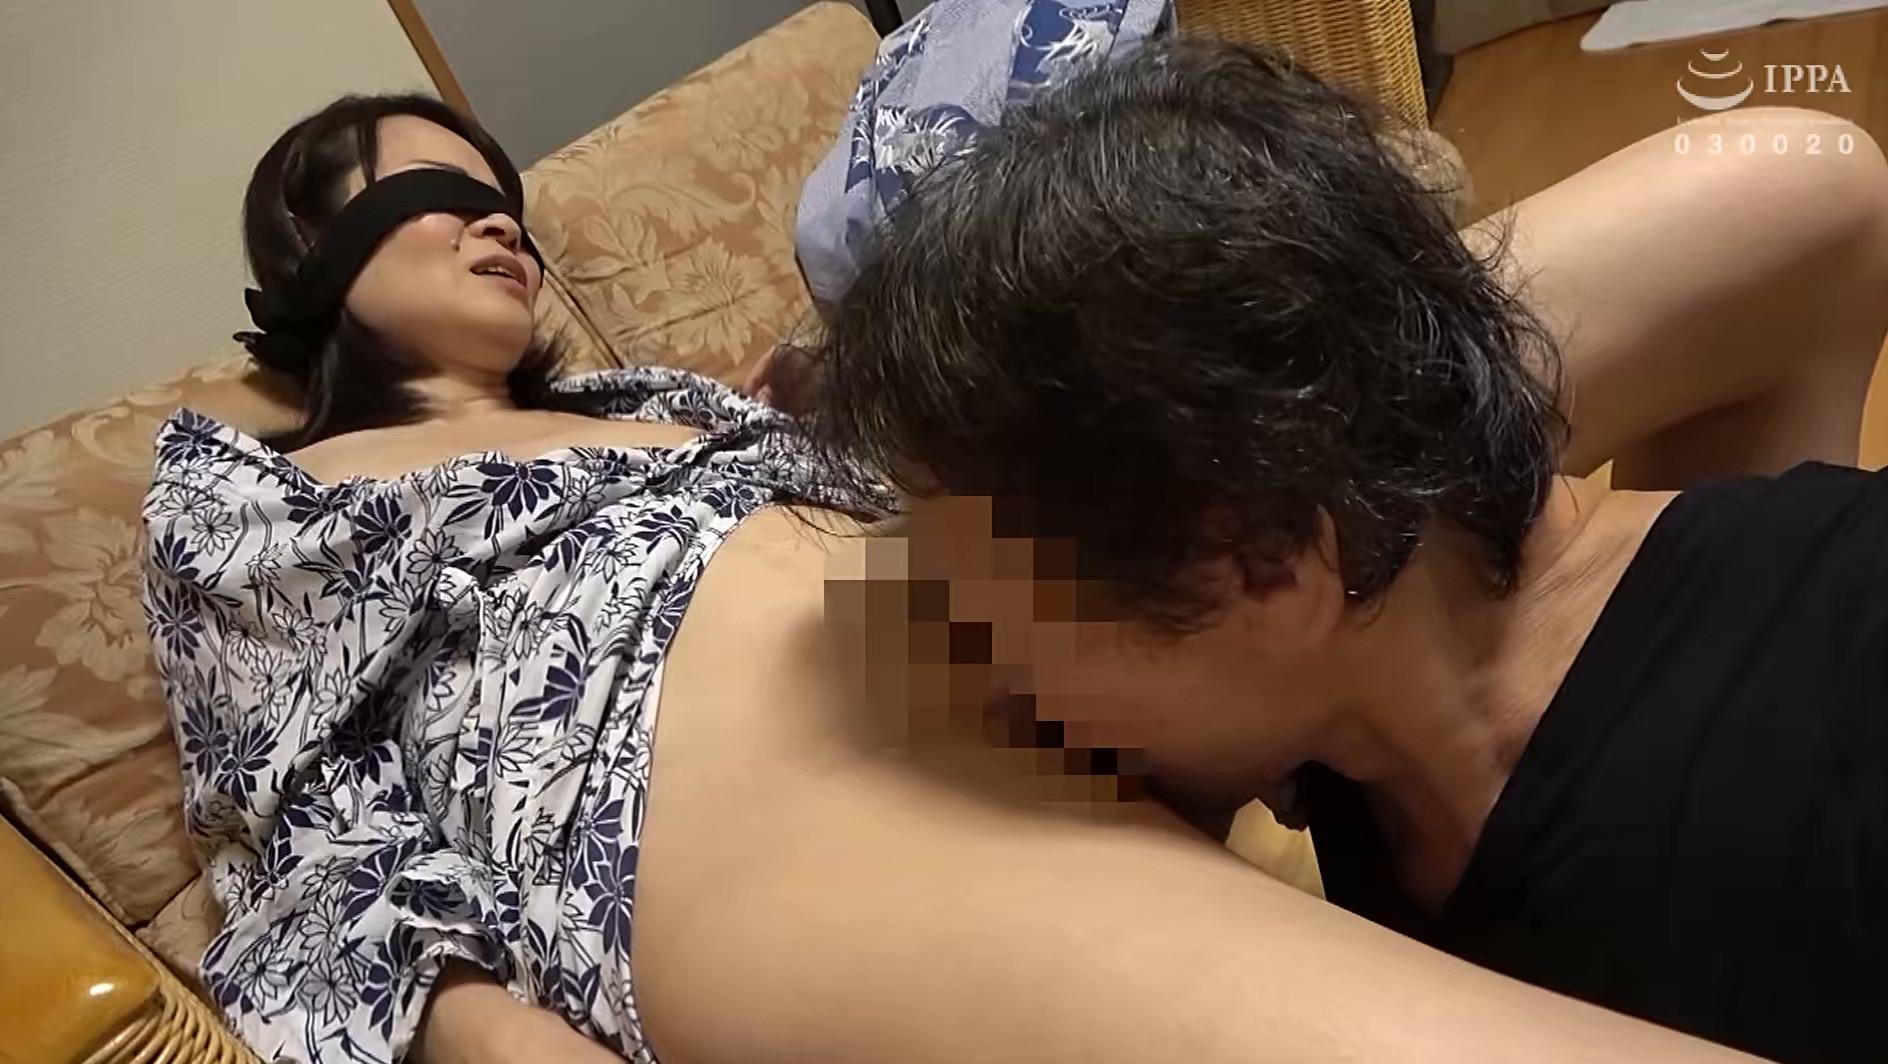 日帰り温泉 熟女色情旅 #026 紗月(仮) 48歳 離婚1回 子供無し,のサンプル画像23